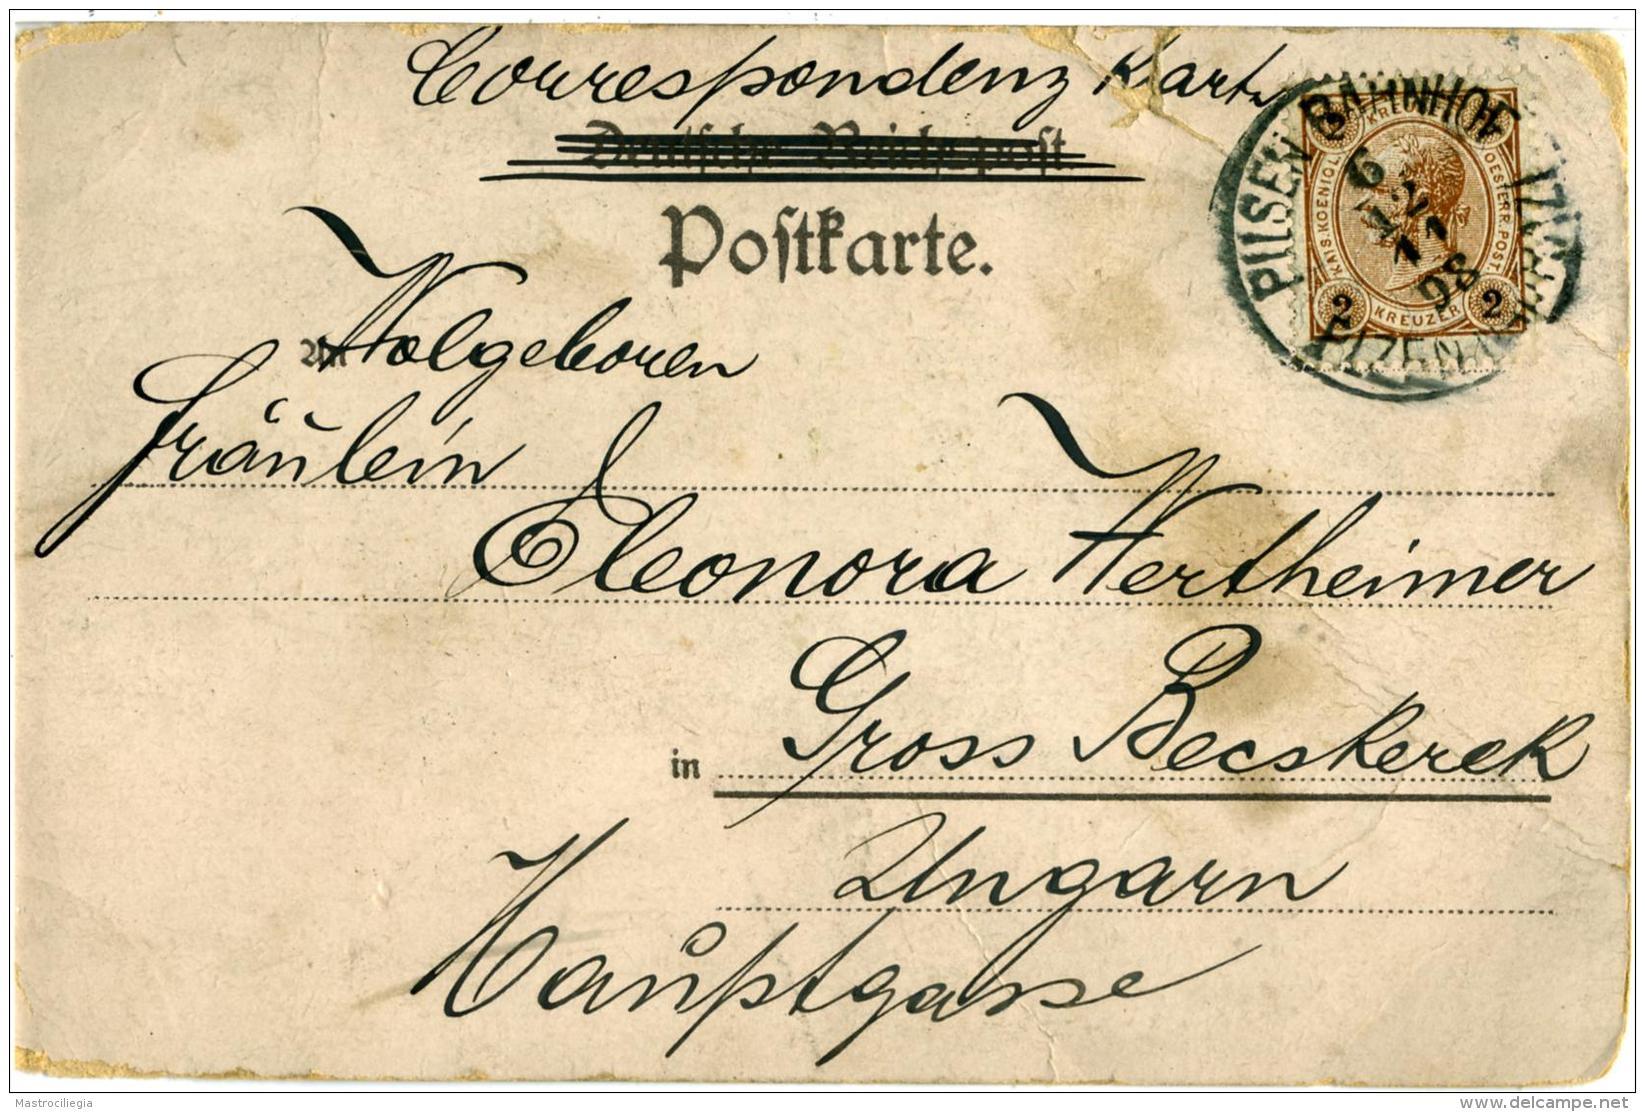 GERMANIA  SACHSEN  DRESDEN  Frauenkirche  Neumarkt Mit Lutherdenkmal  1898  Austria Stamp Plzen - Dresden